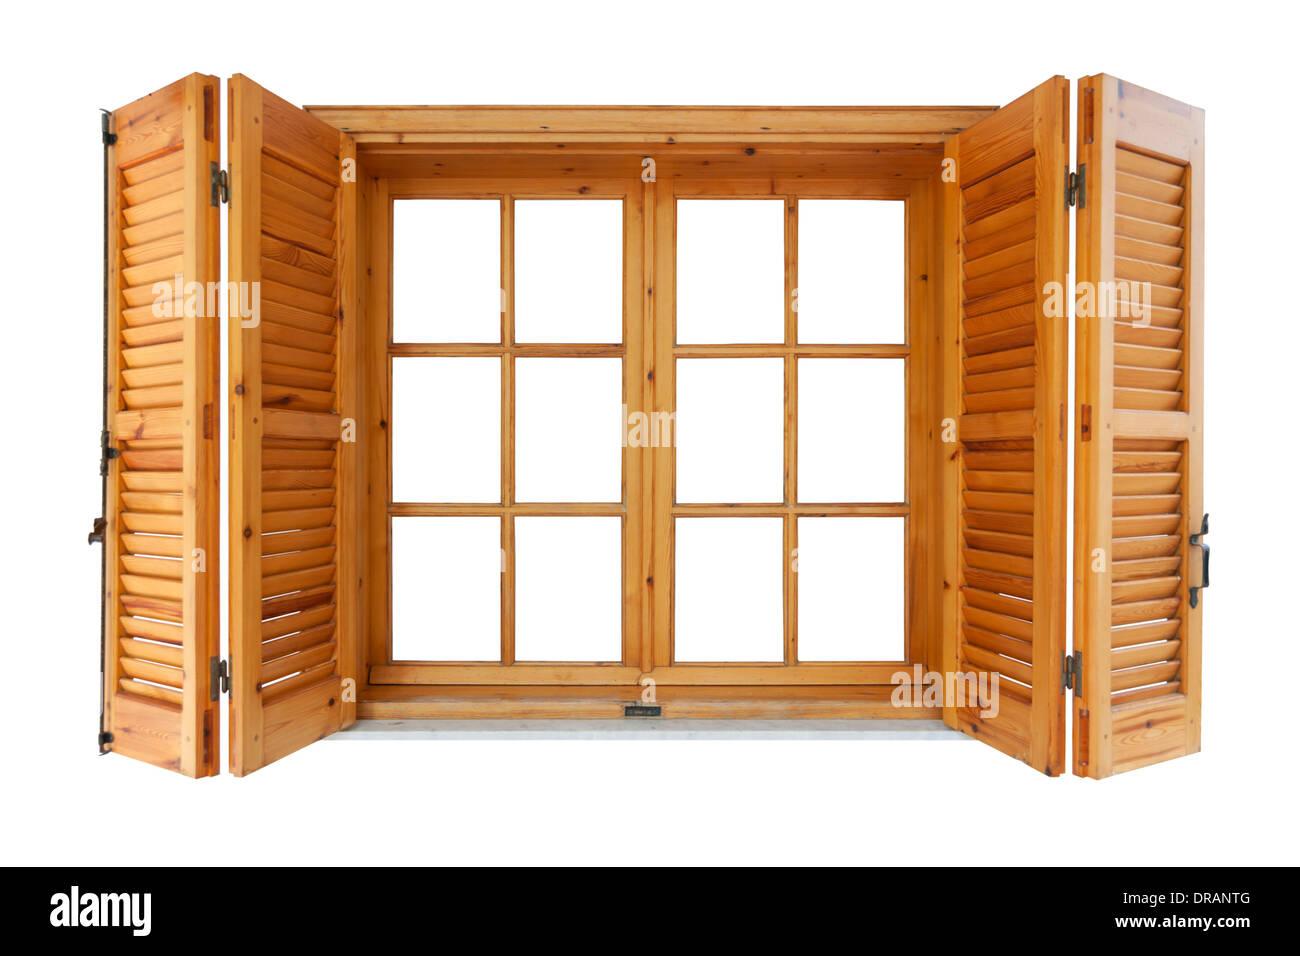 Con persianas de madera de ventana lateral exterior aislado sobre fondo blanco. Imagen De Stock